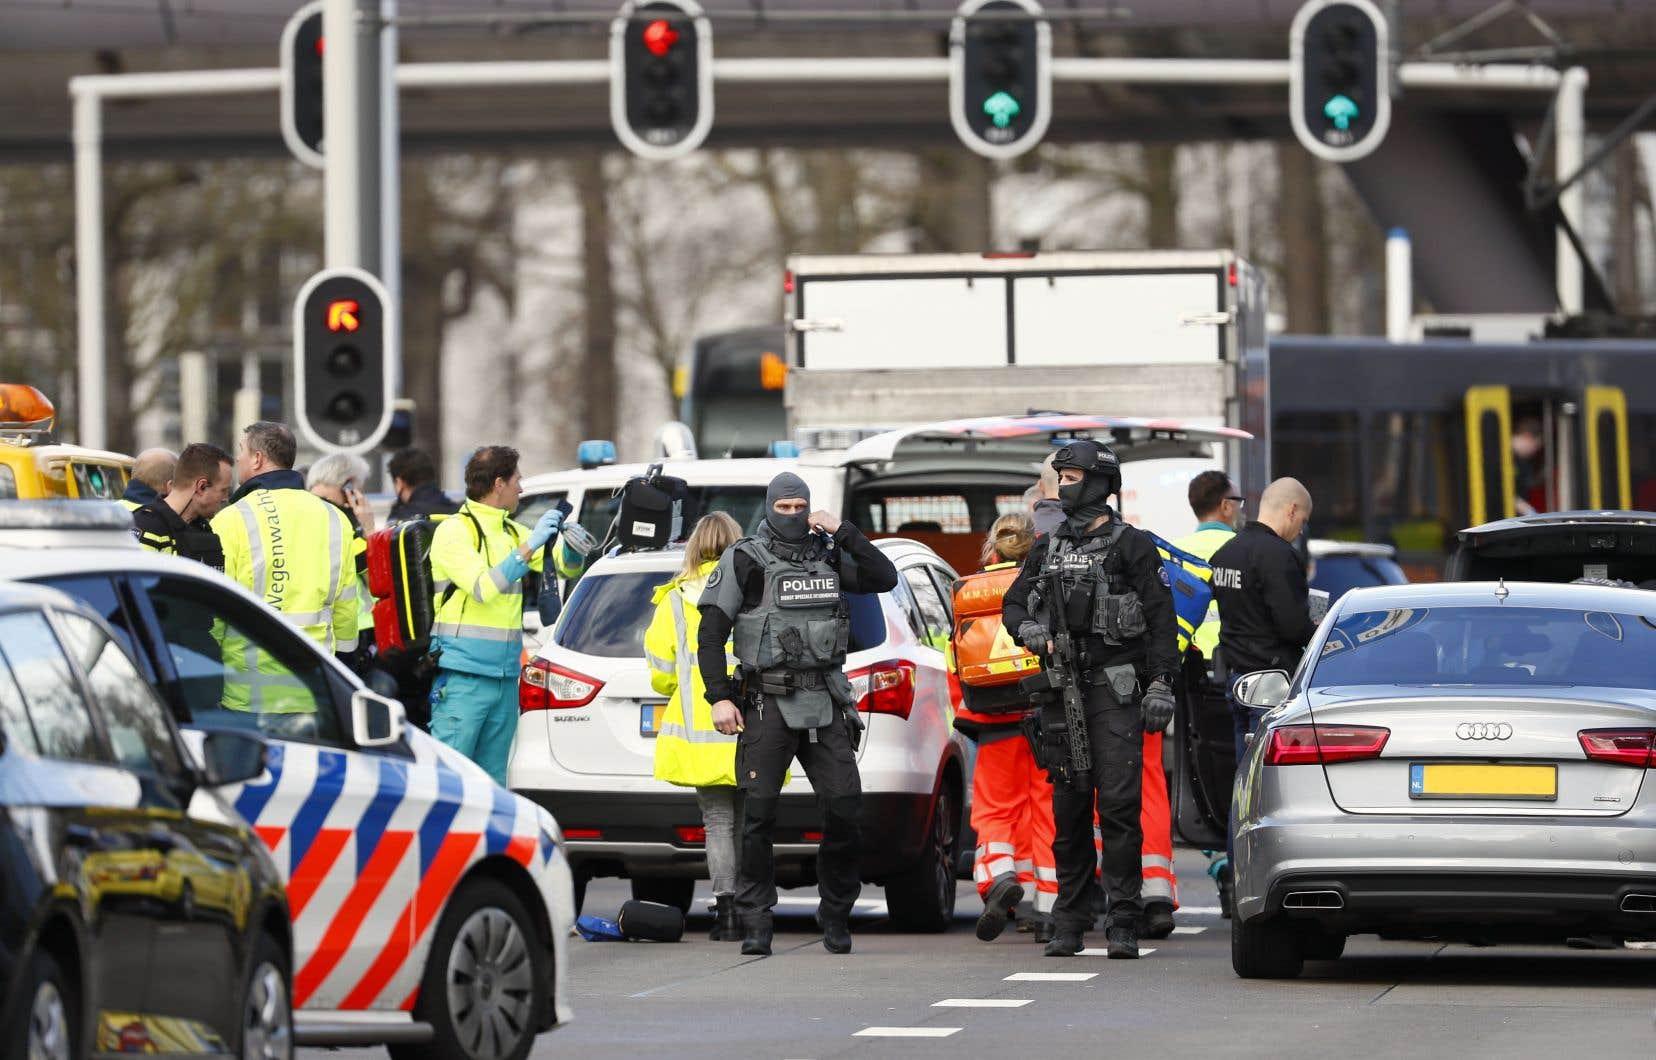 La police a déployé une unité antiterroriste sur les lieux.